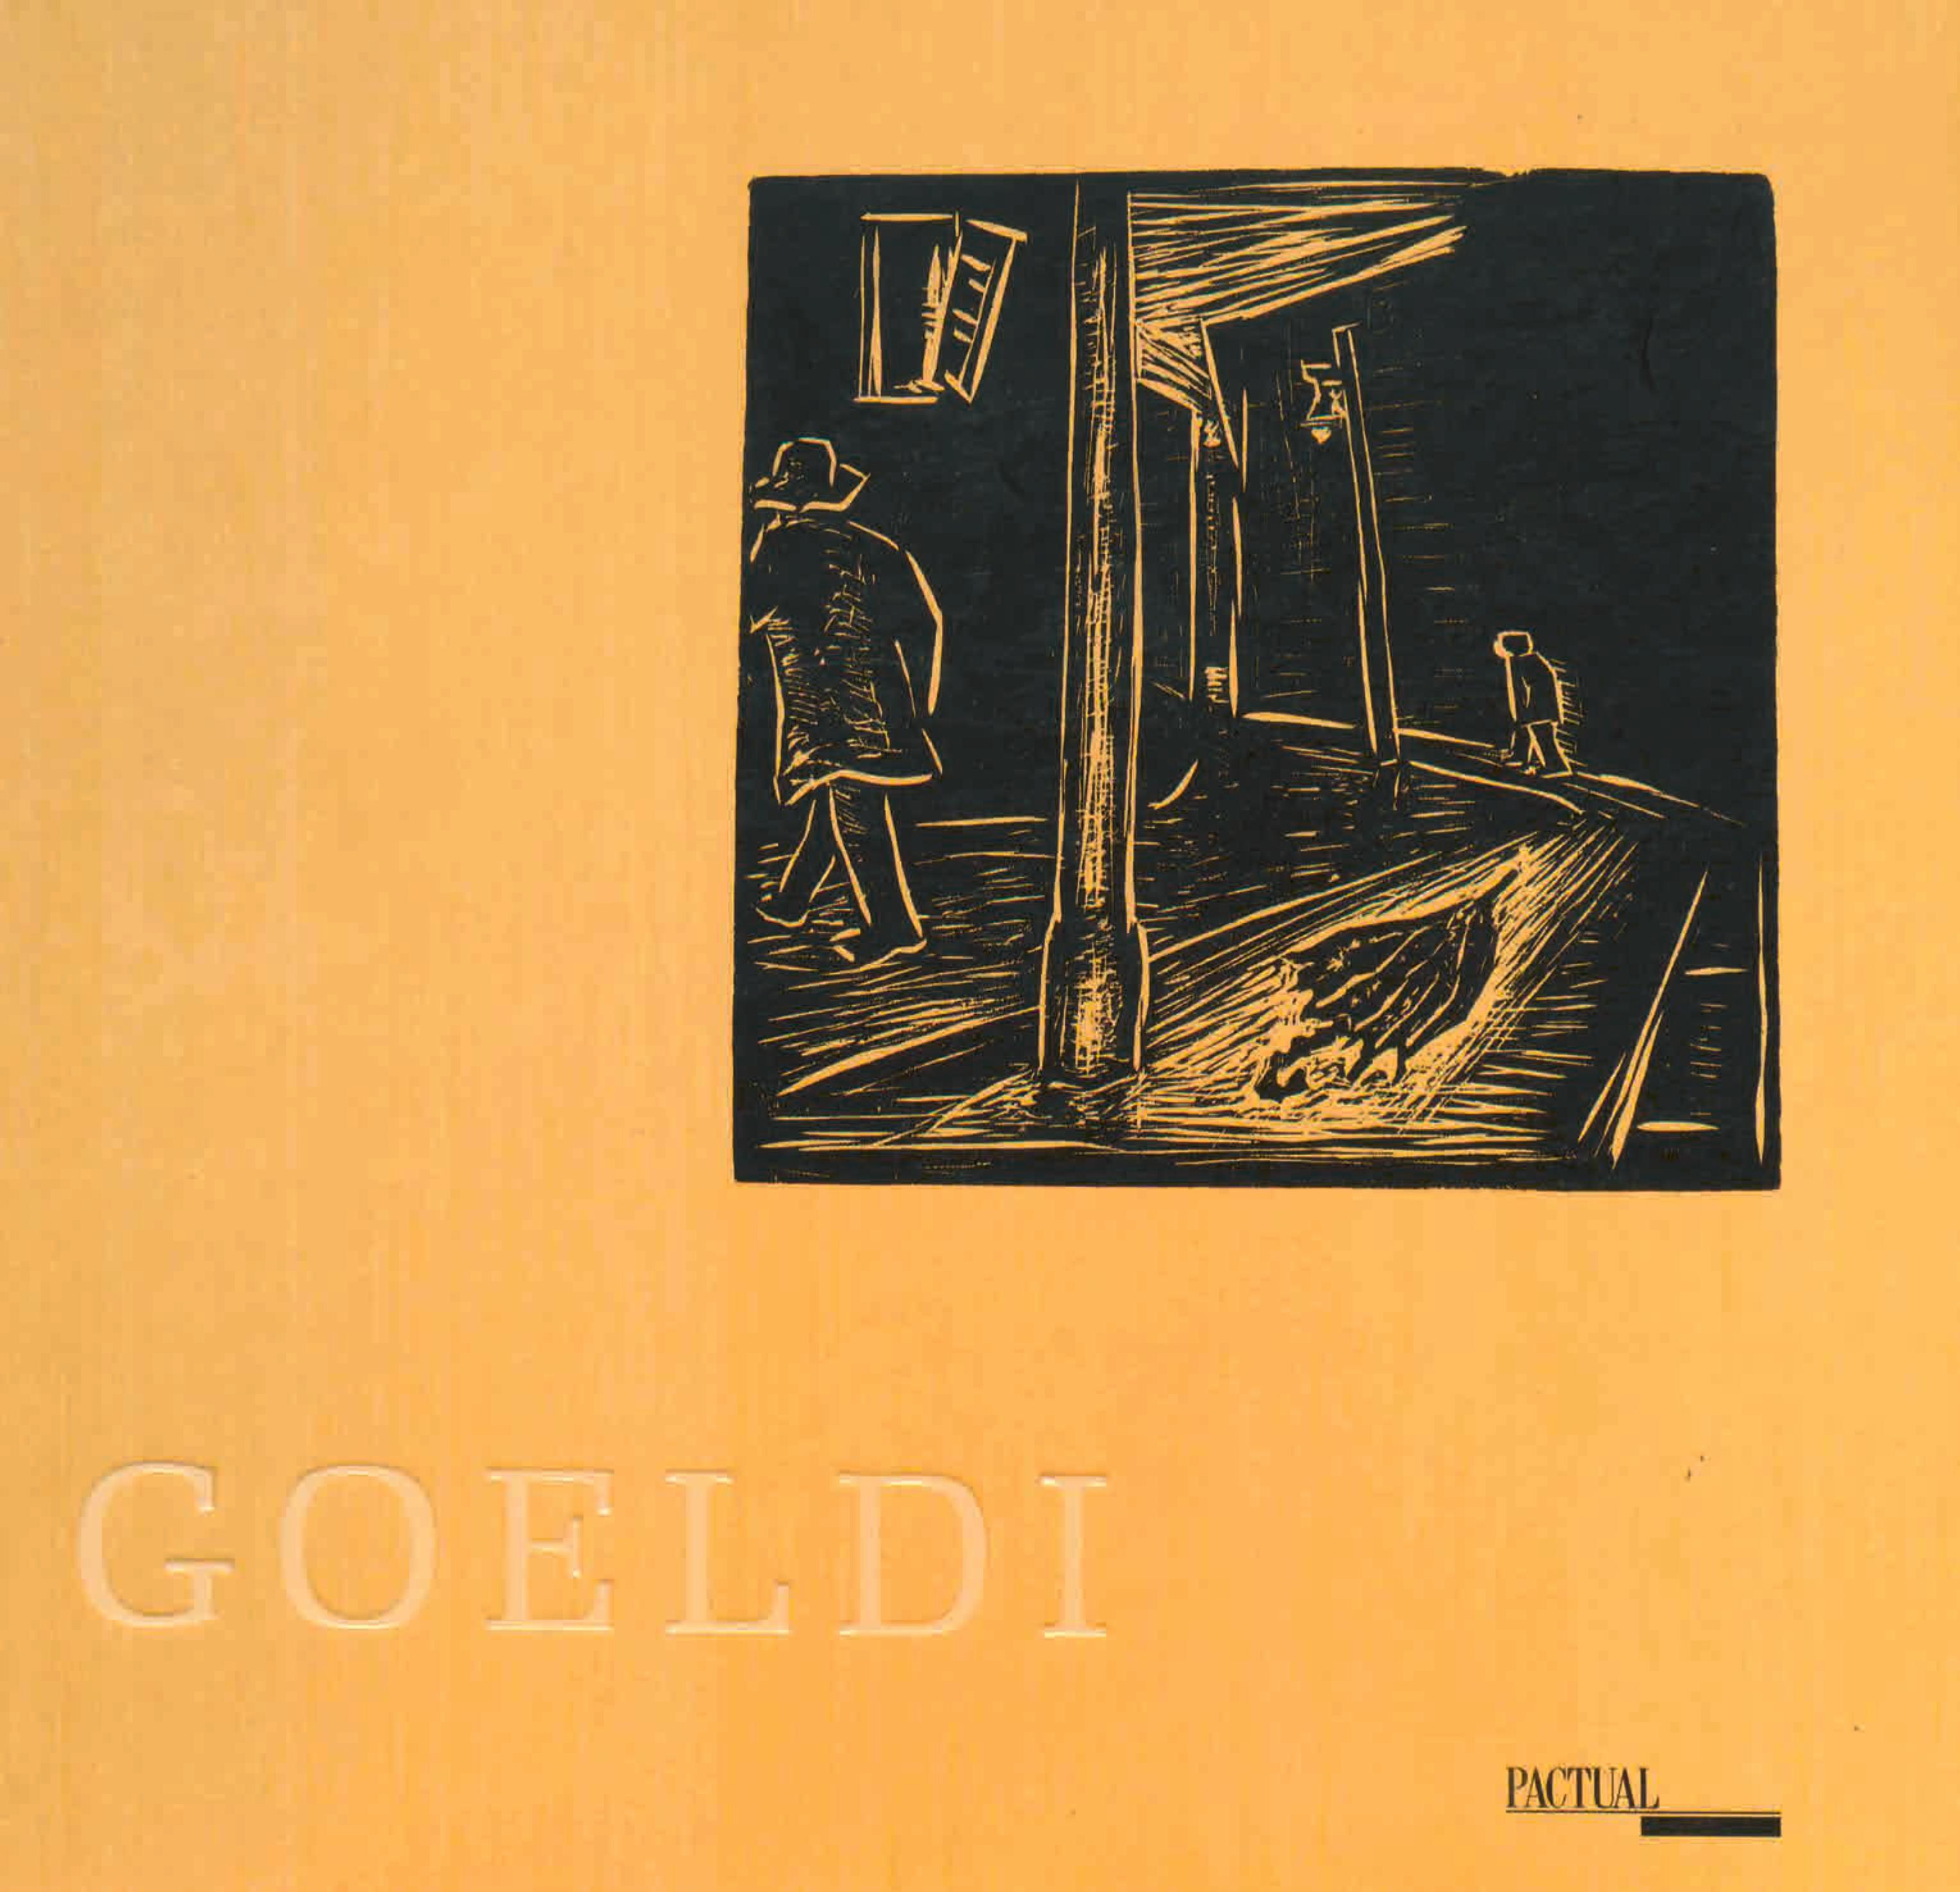 Capa do livro Goeldi